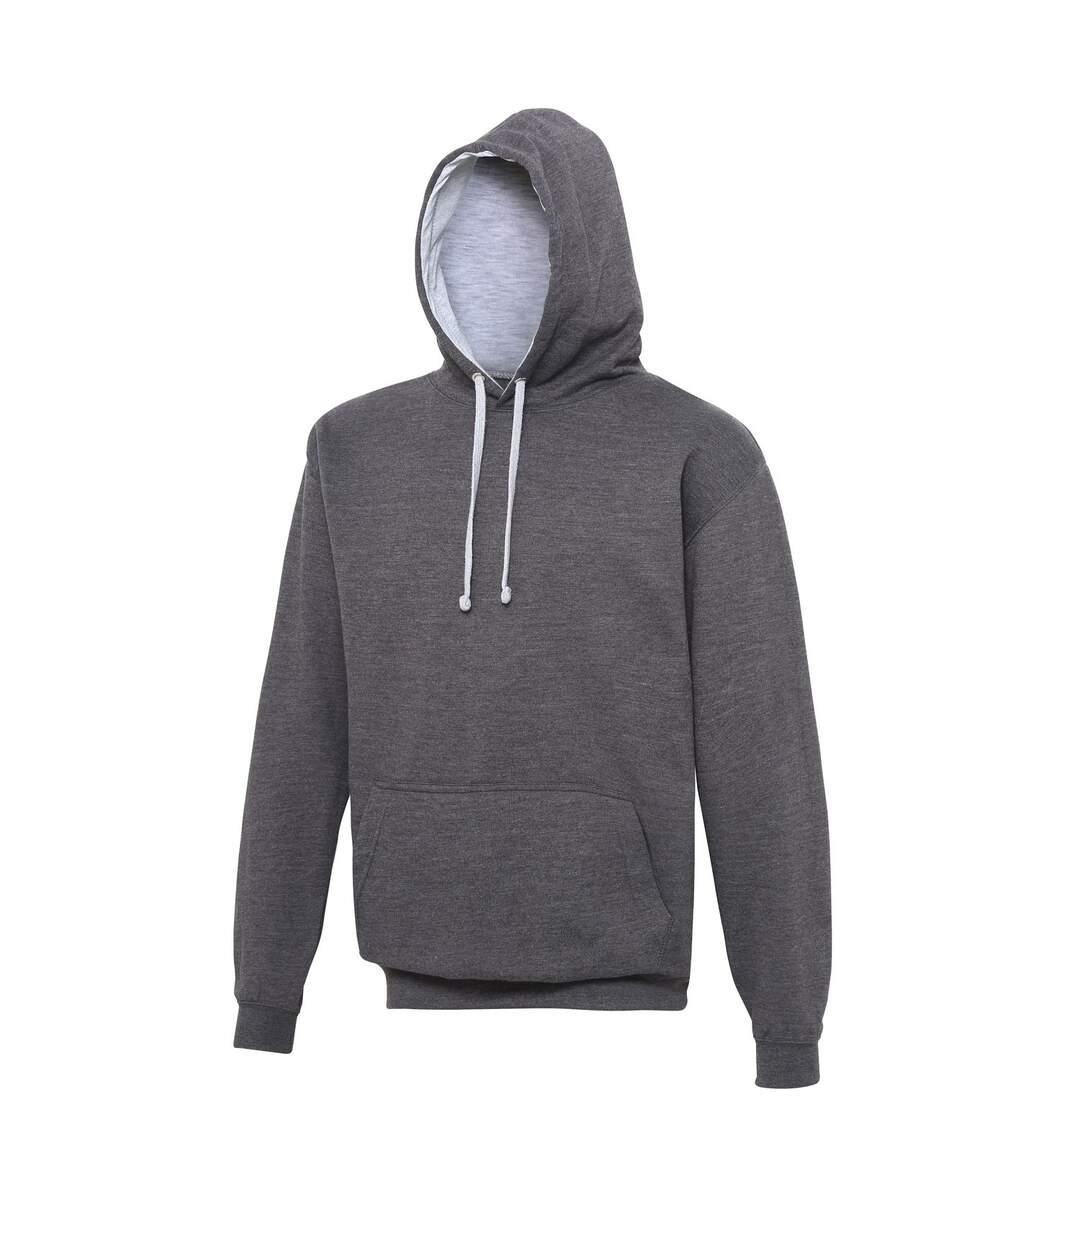 Sweat à capuche contrastée unisexe - JH003 - gris foncé et gris clair